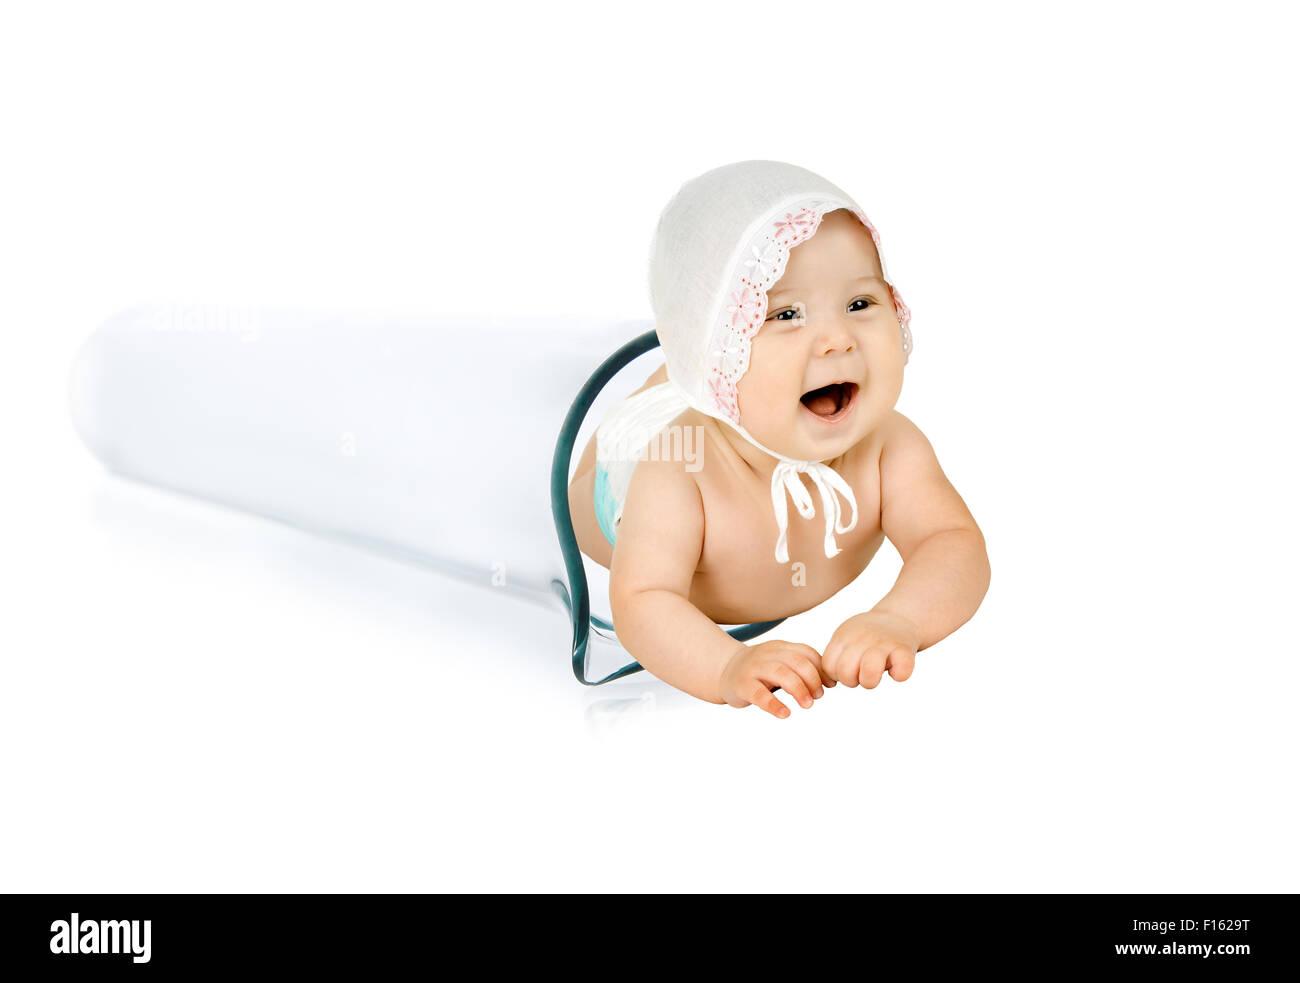 happy test-tube baby on white background, isolated,  horizontal photo - Stock Image